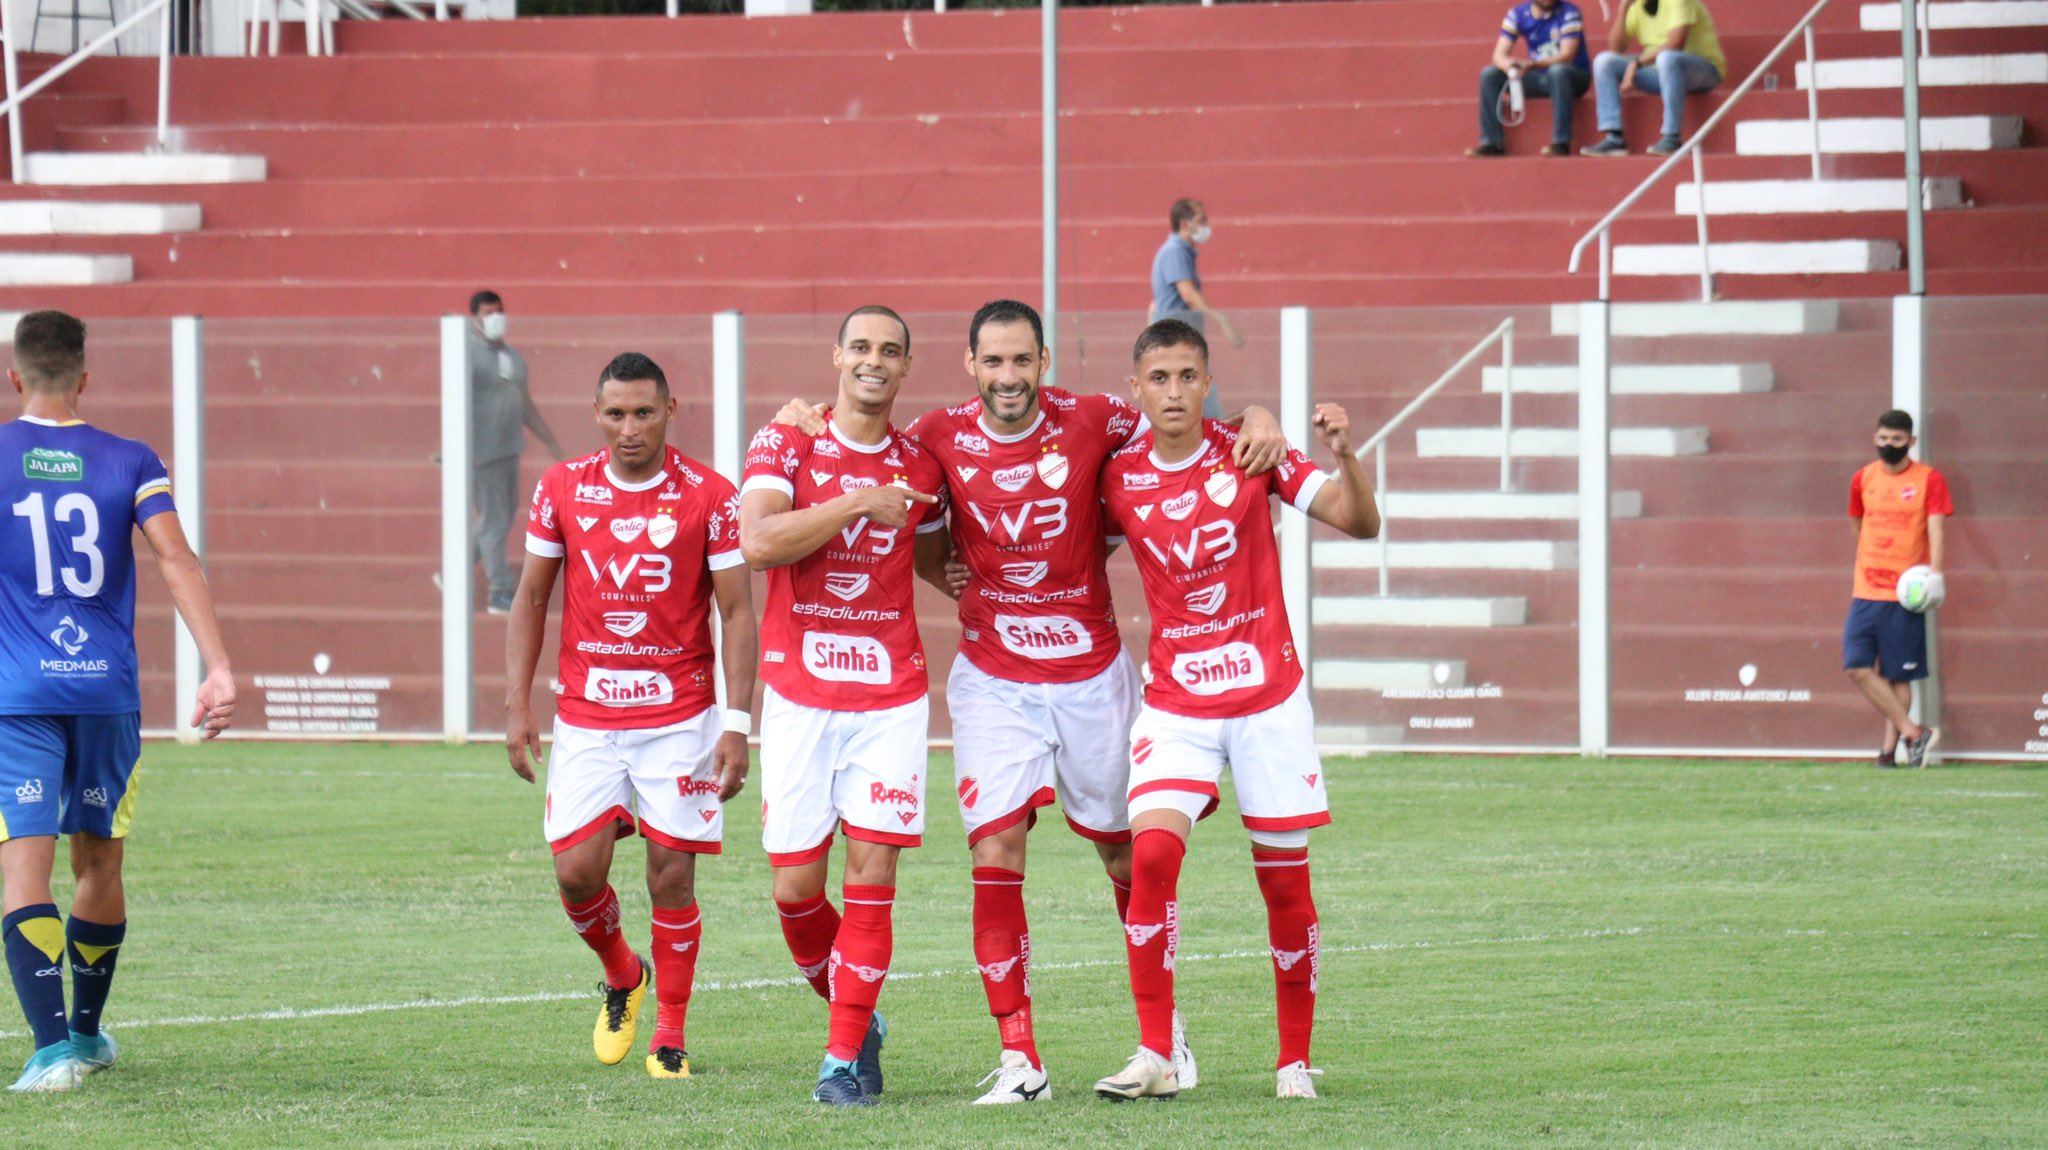 Vila Nova vence o Palmas e se classifica para as quartas de final da Copa Verde